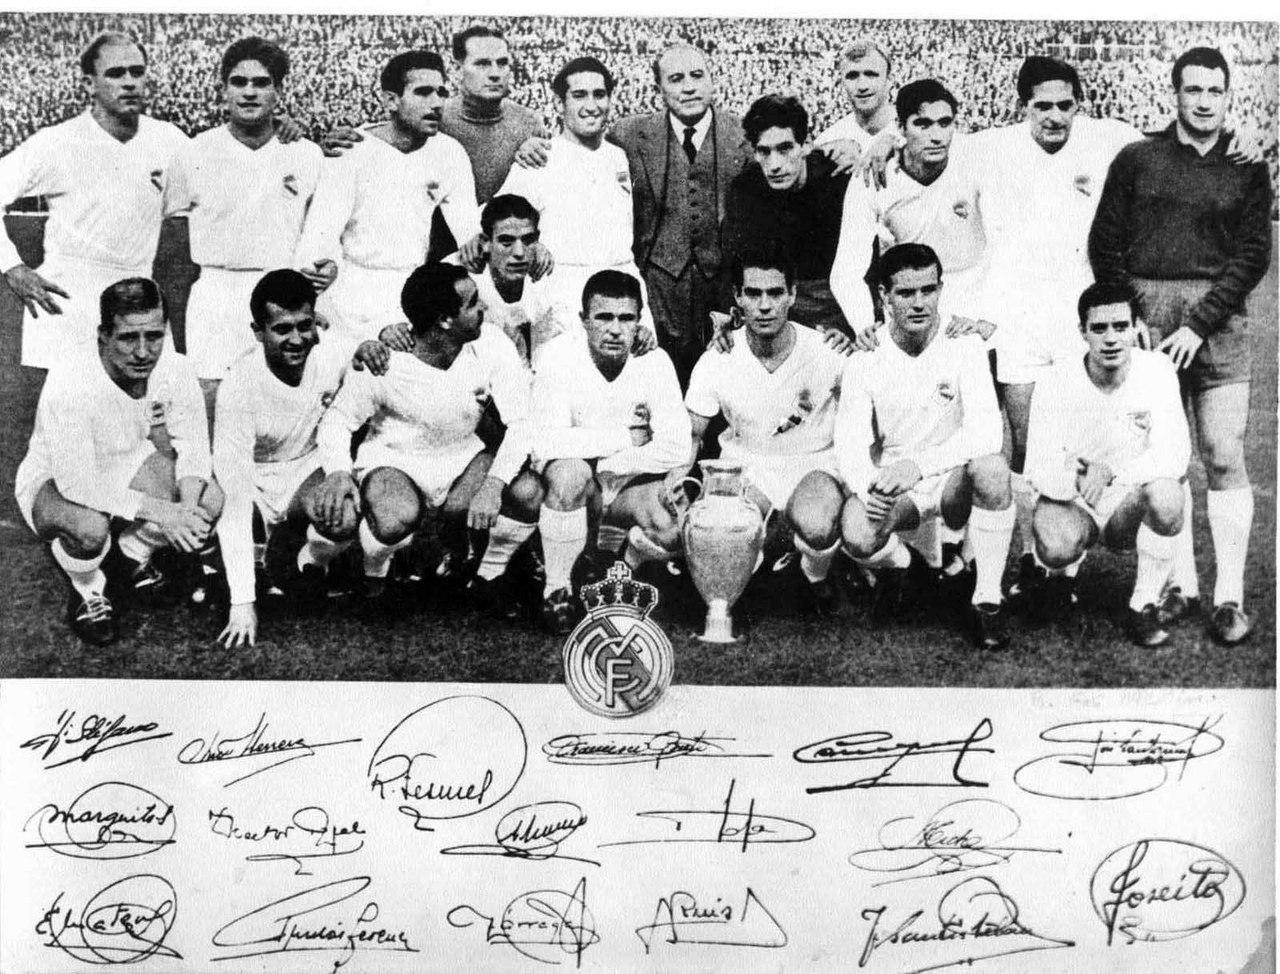 Реал Мадрид - обладатель Кубка чемпионов сезона 1957/1958 годов